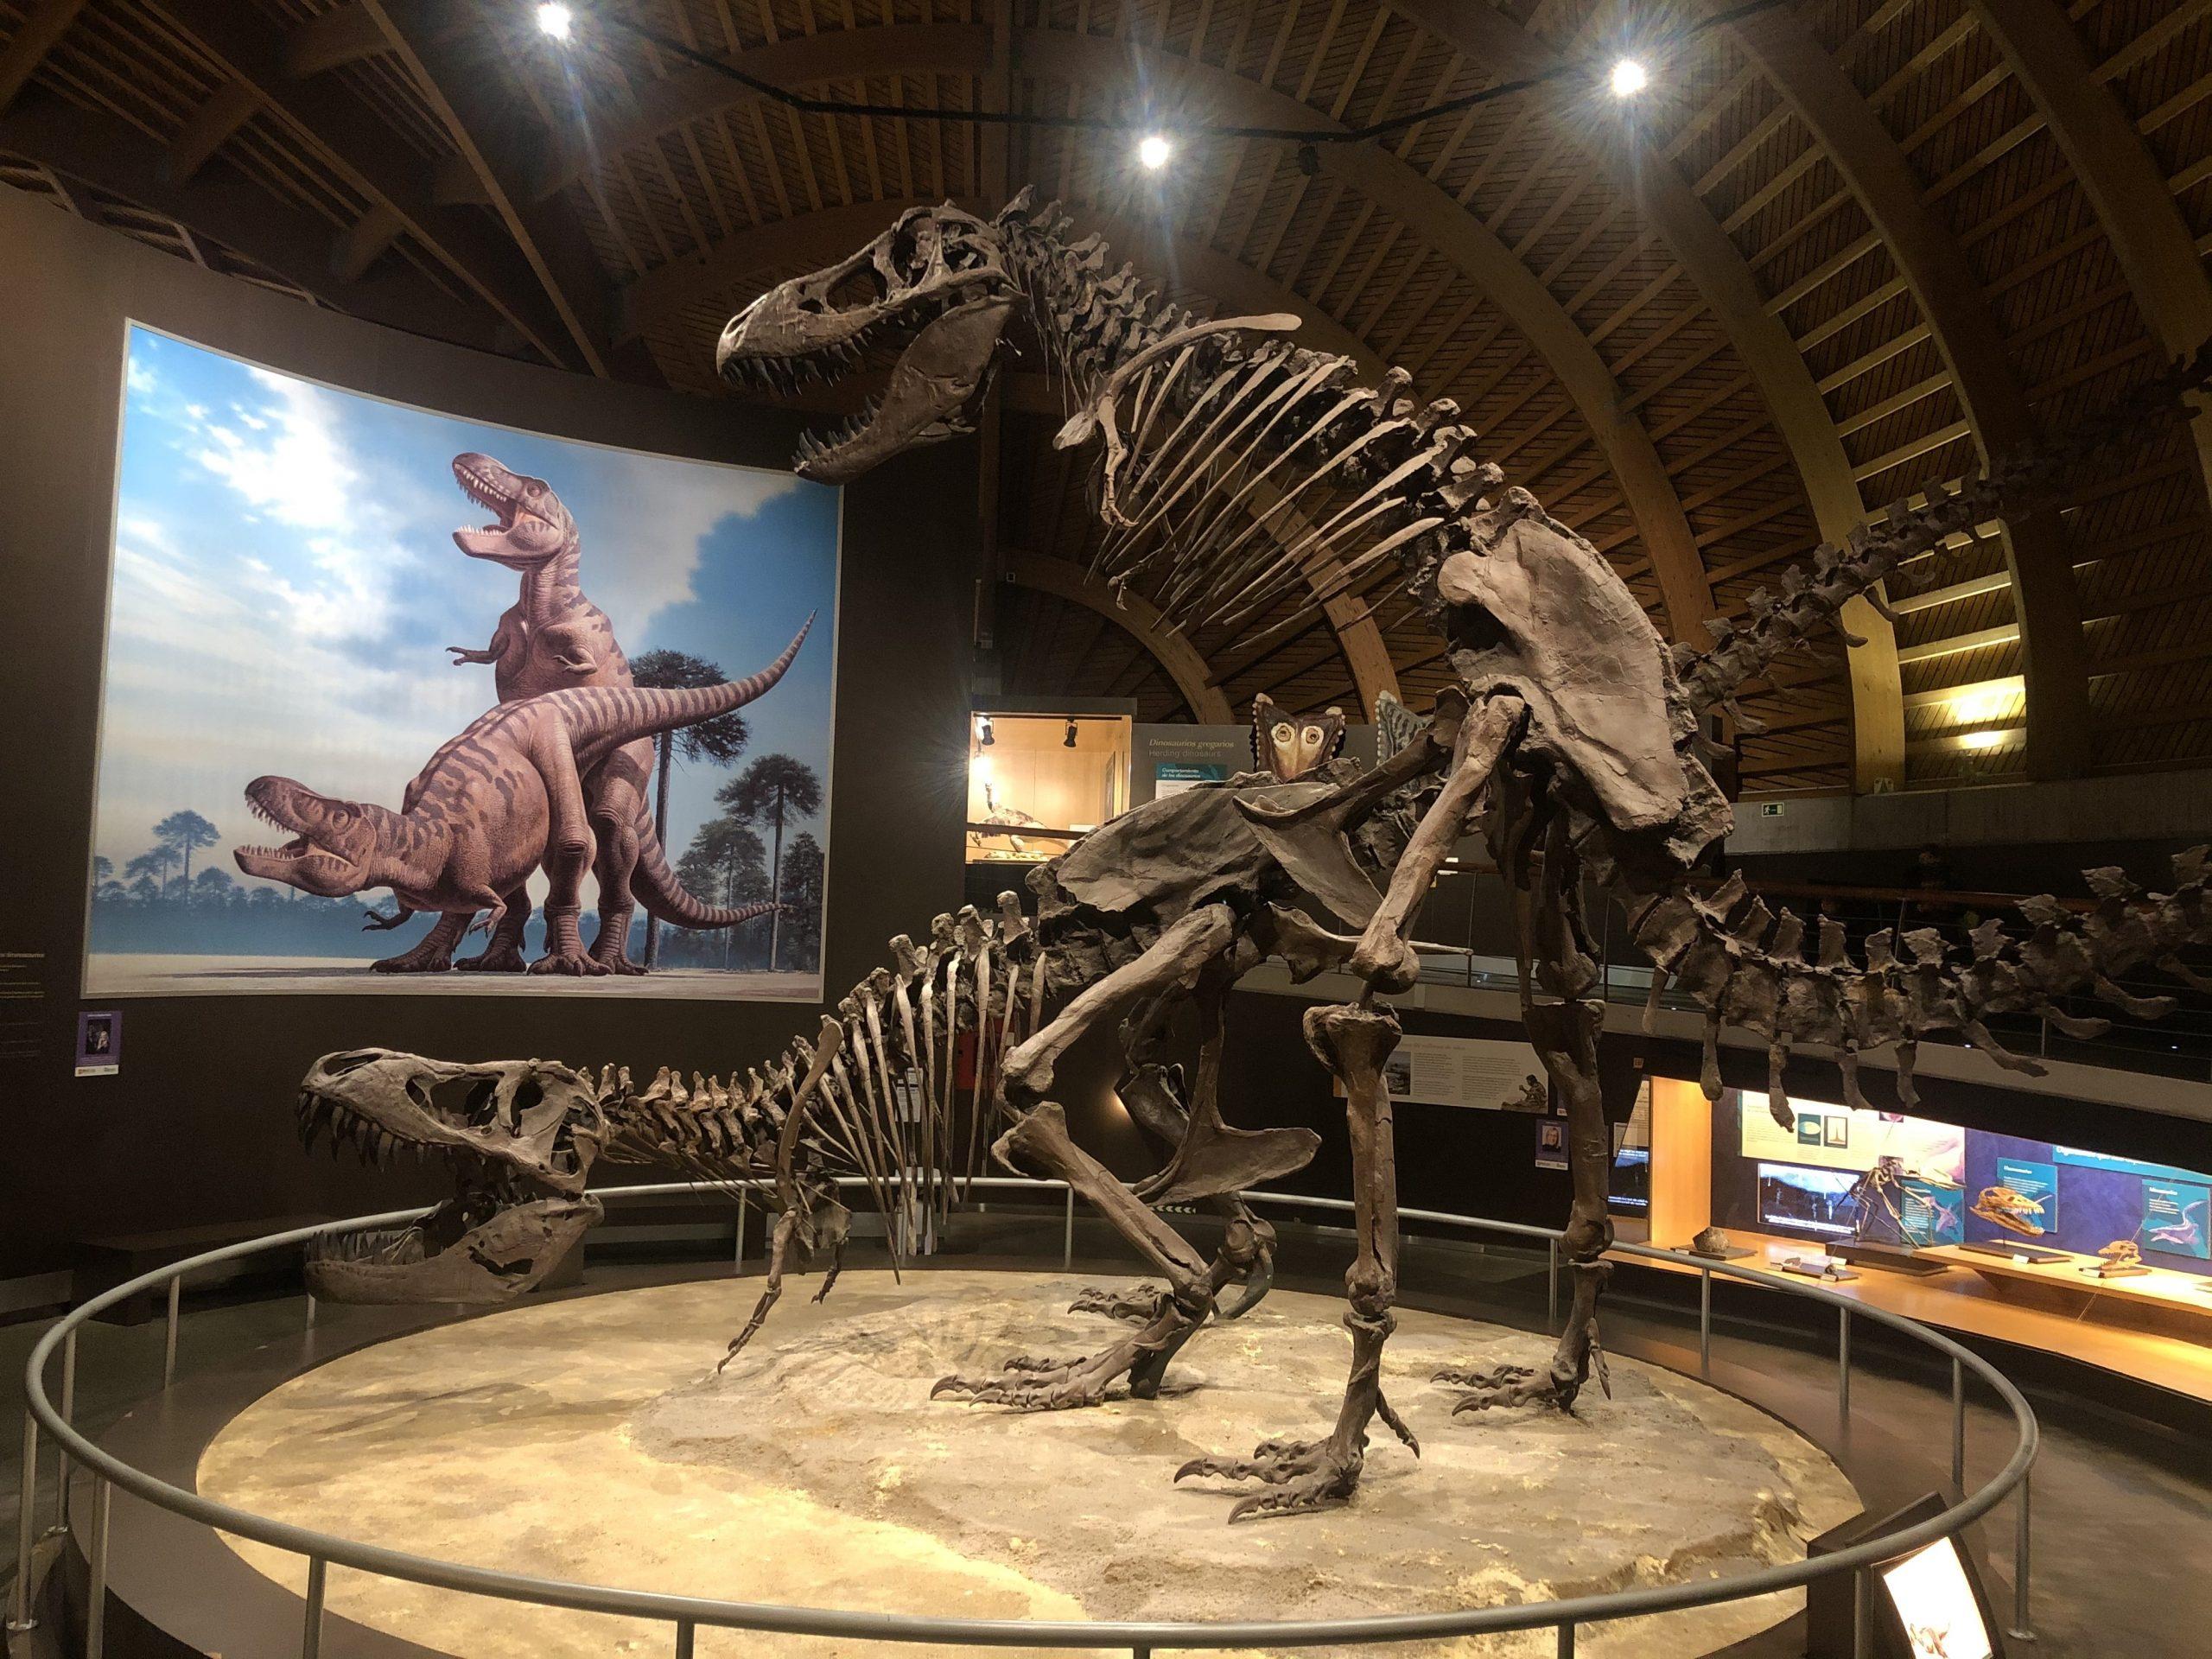 pareja deTyrannosaurus Rex. Visitar el Museo Jurásico de Asturias